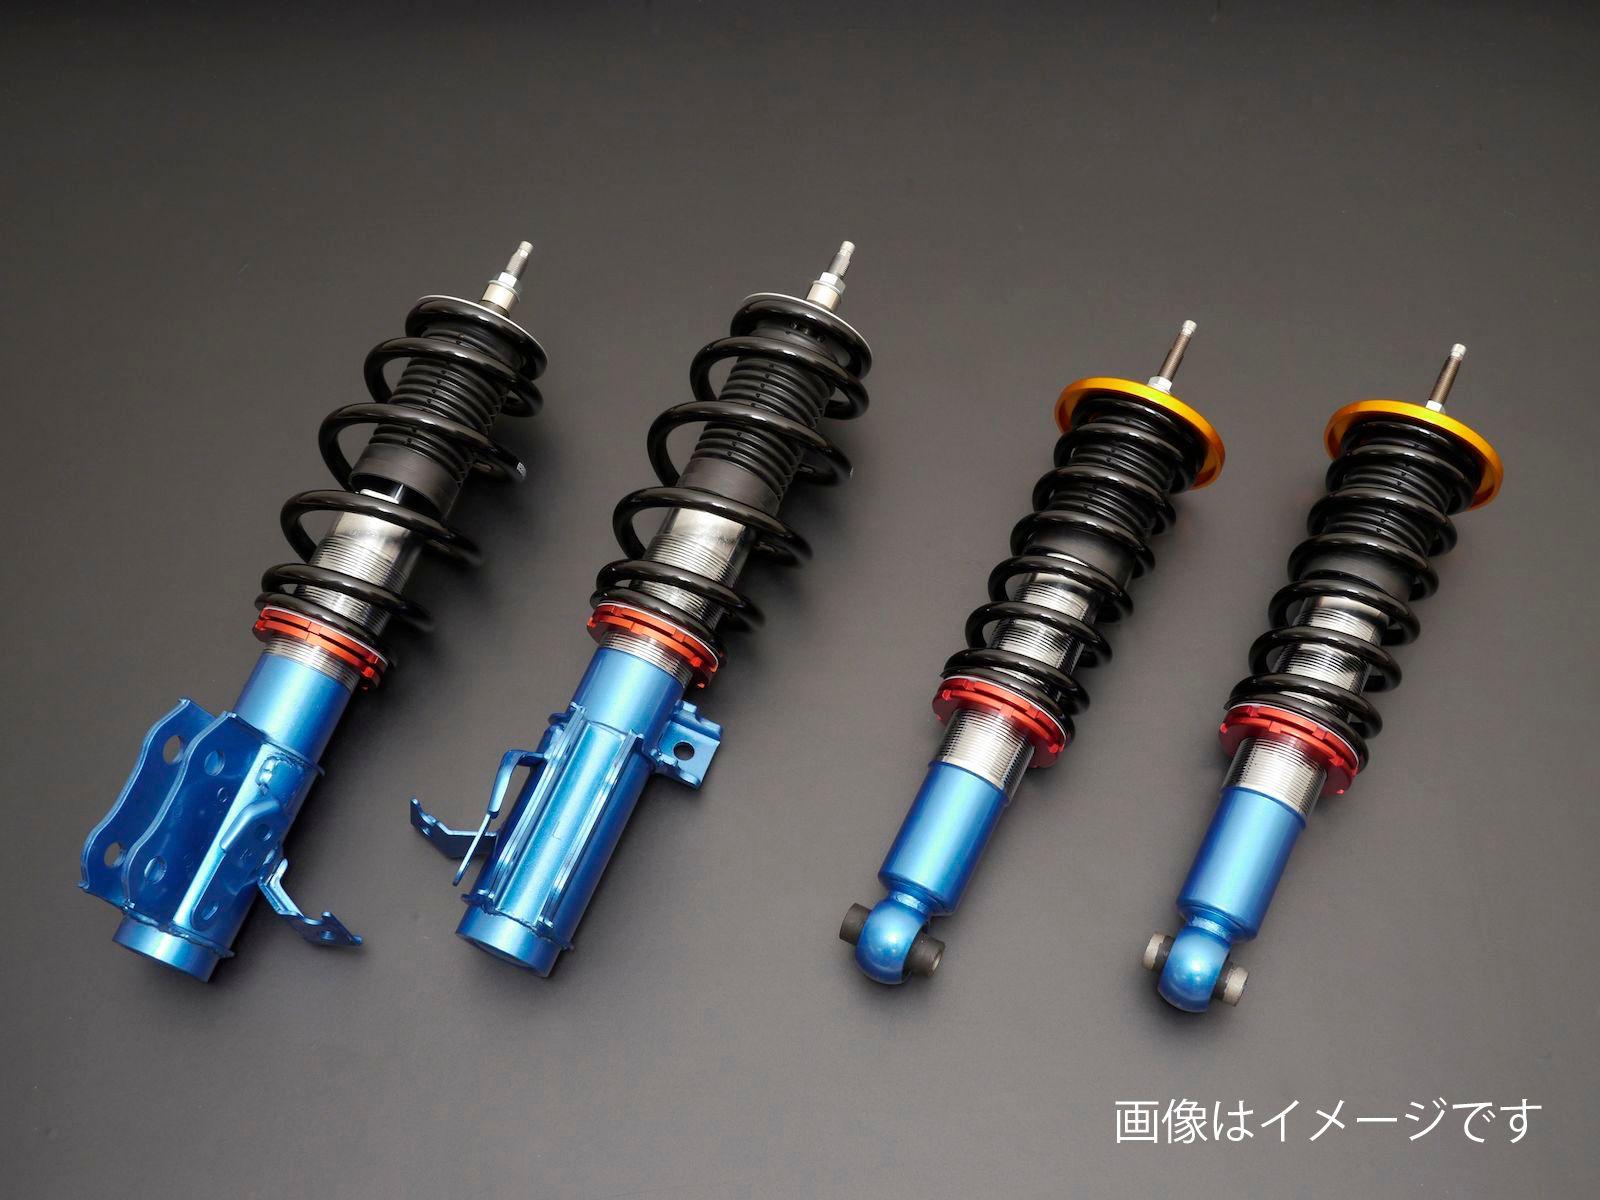 【受注生産品】 CUSCO(クスコ) 車高調キット 2012.5-2017.7 street AVV50N A CUSCO(クスコ) ダイハツ アルティス AVV50N 2012.5-2017.7 商品番号:956 61J CB, 狭山市:df250b4a --- bellsrenovation.com